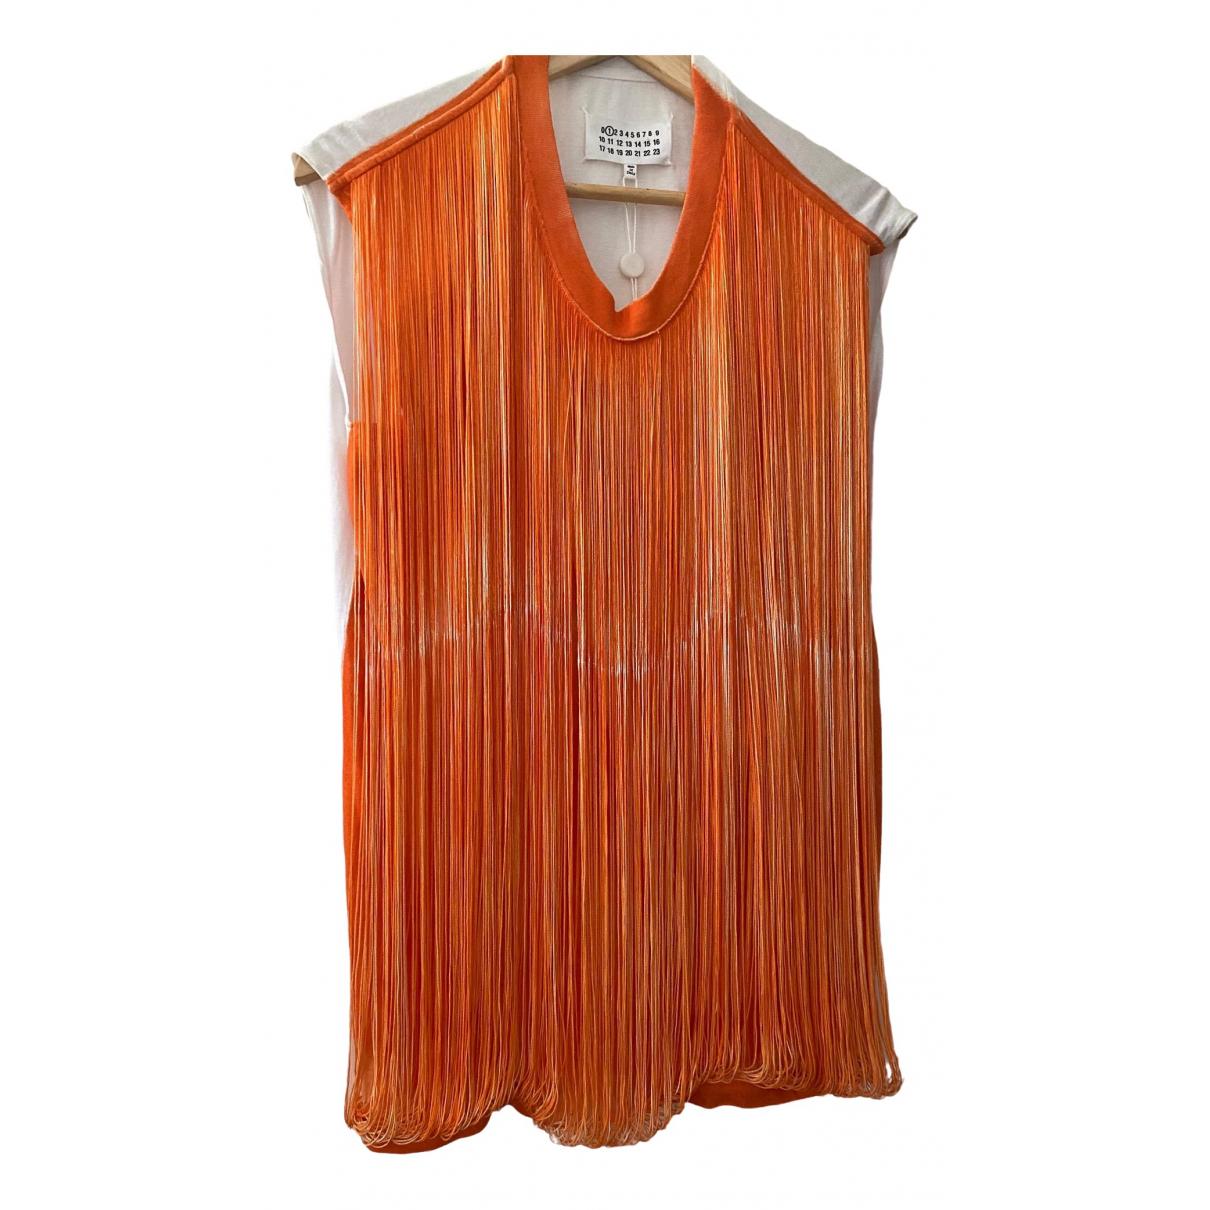 Maison Martin Margiela - Top   pour femme en coton - orange